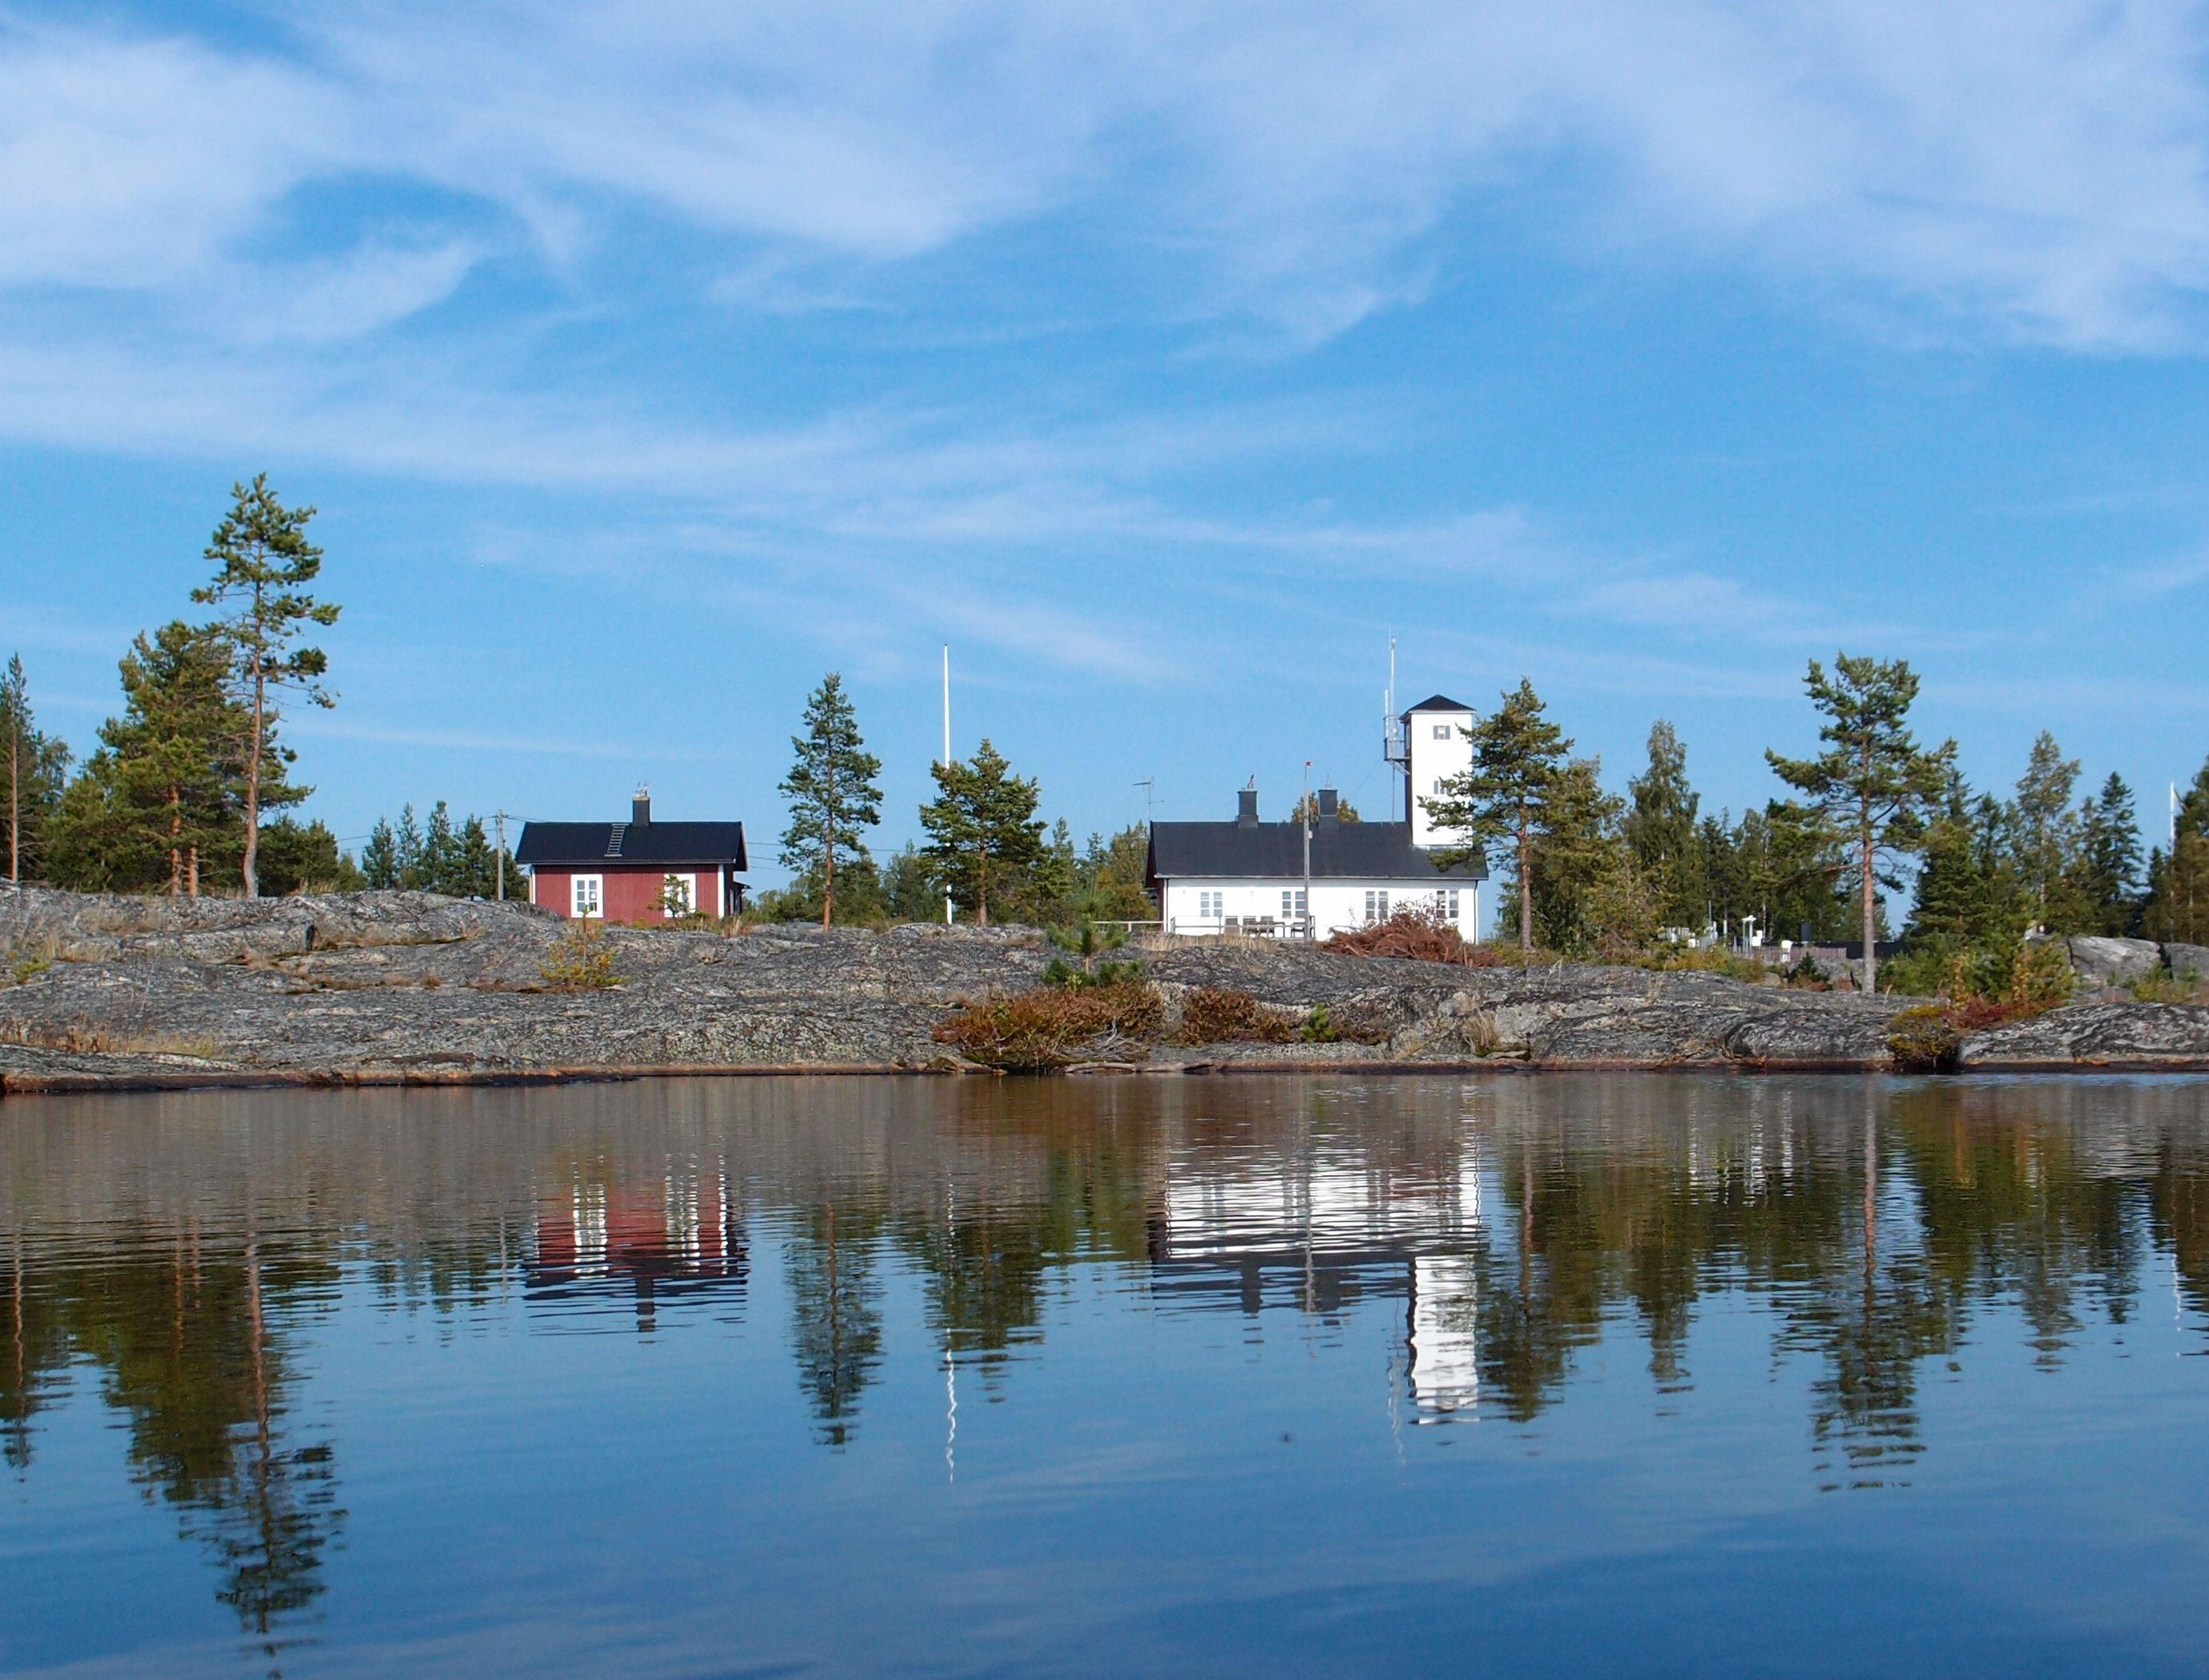 Lotshuset Gästhem (STF Nordmaling/Lotshuset)